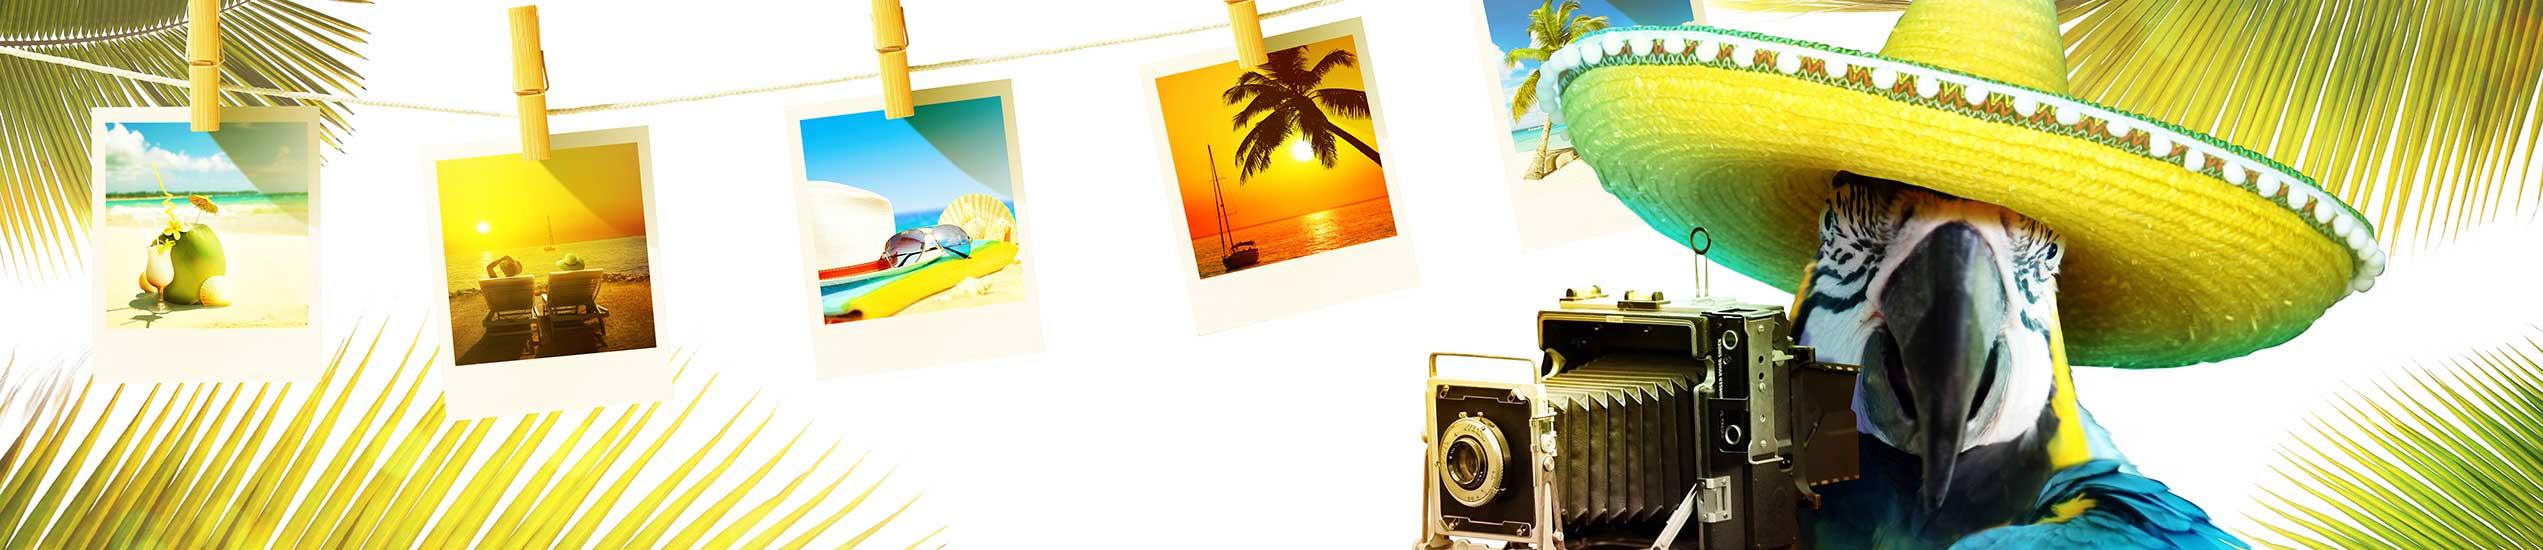 Fotodesign Titlebild